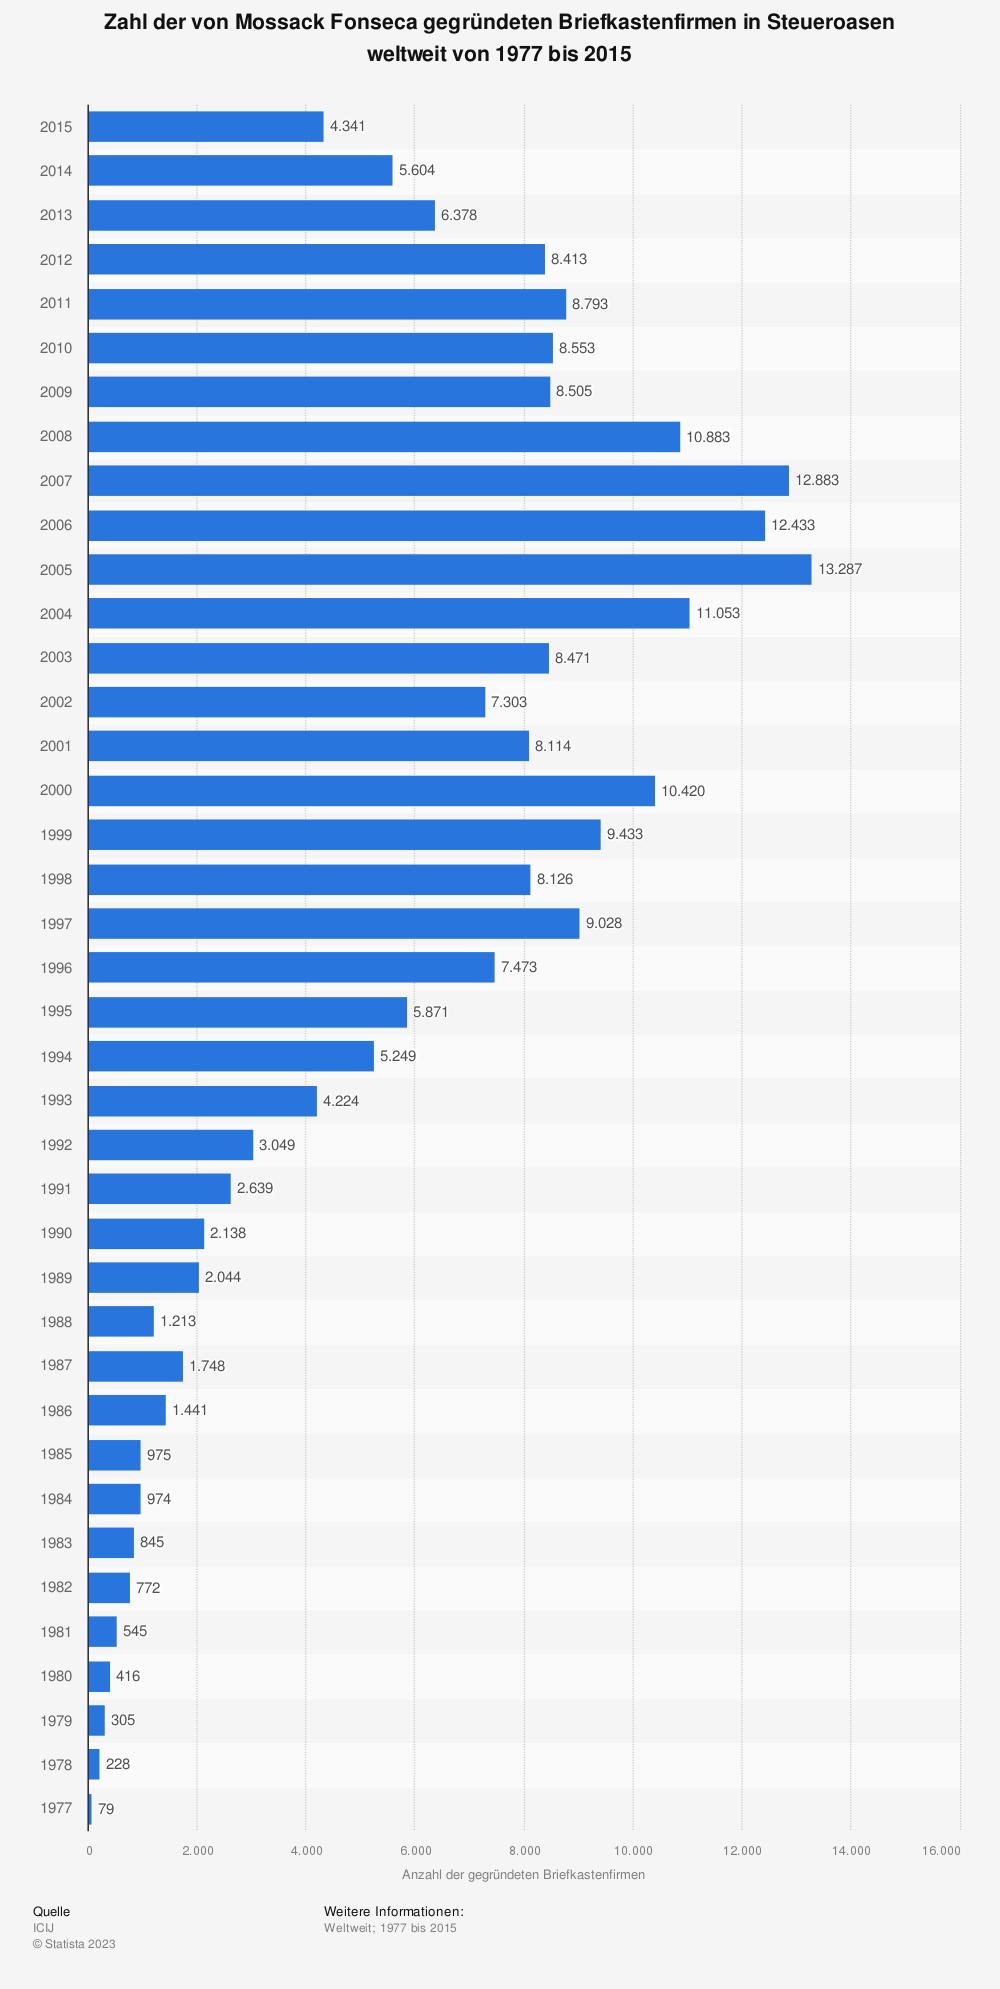 Statistik: Zahl der von Mossack Fonseca gegründeten Briefkastenfirmen in Steueroasen weltweit von 1977 bis 2015 | Statista